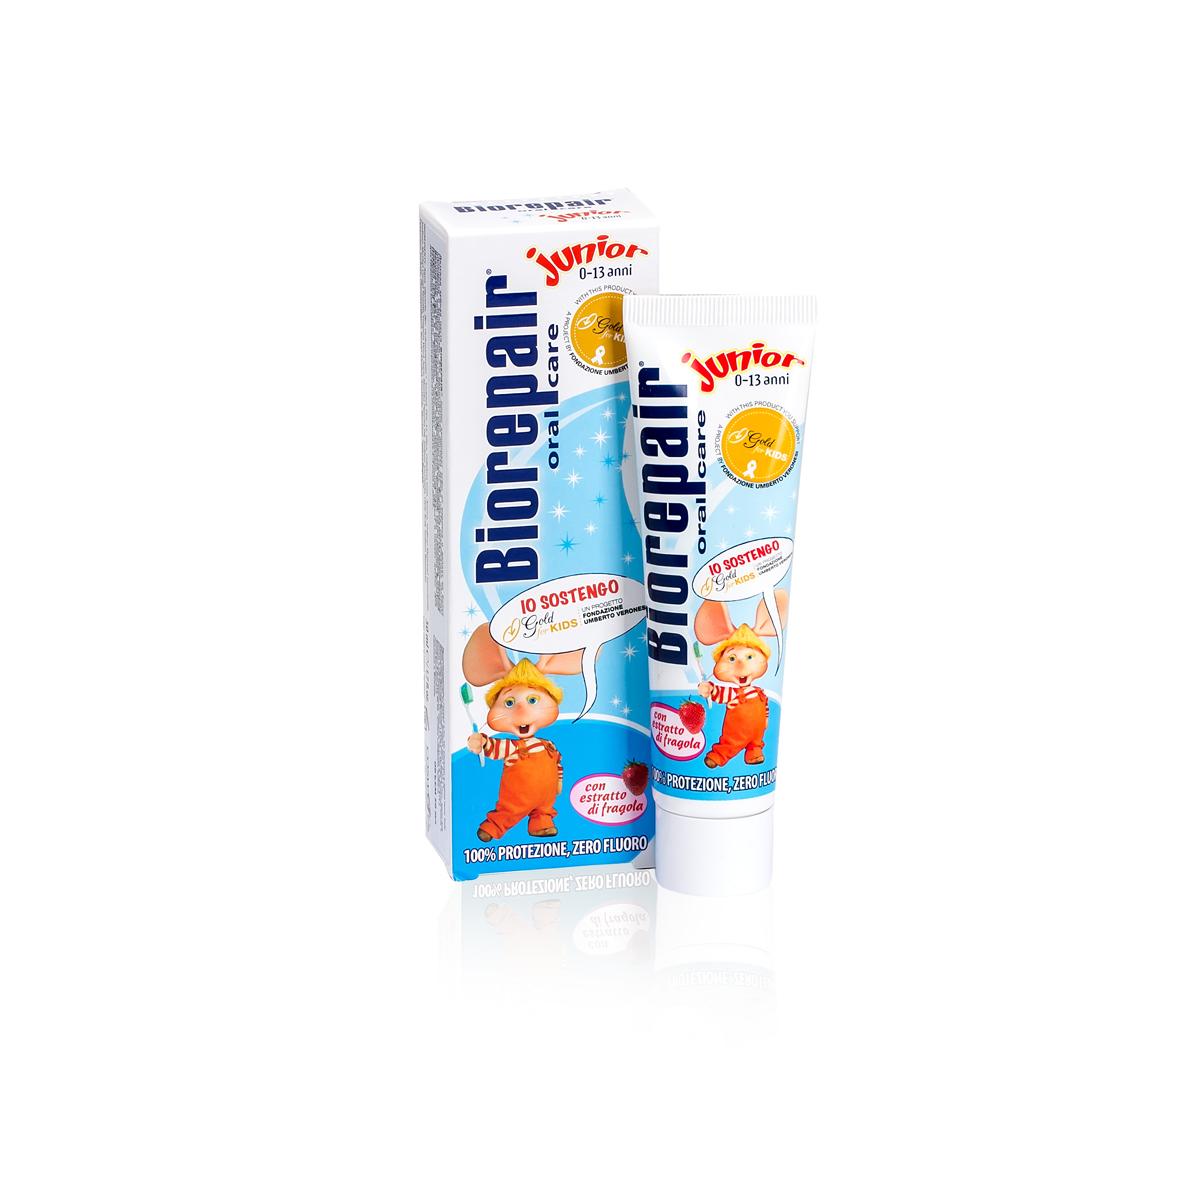 Biorepair детская зубная паста Junior Gold for Kids 50 mlGA1150400Детская зубная паста Biorepair Junior, содержит частицы запатентованного компонента MicroRepair, которые борются с кариесом и укрепляют эмаль. Паста идеально подходит при ношении брекетов. Натуральный экстракт земляники оказывает тонизирующий эффект и питает десны.